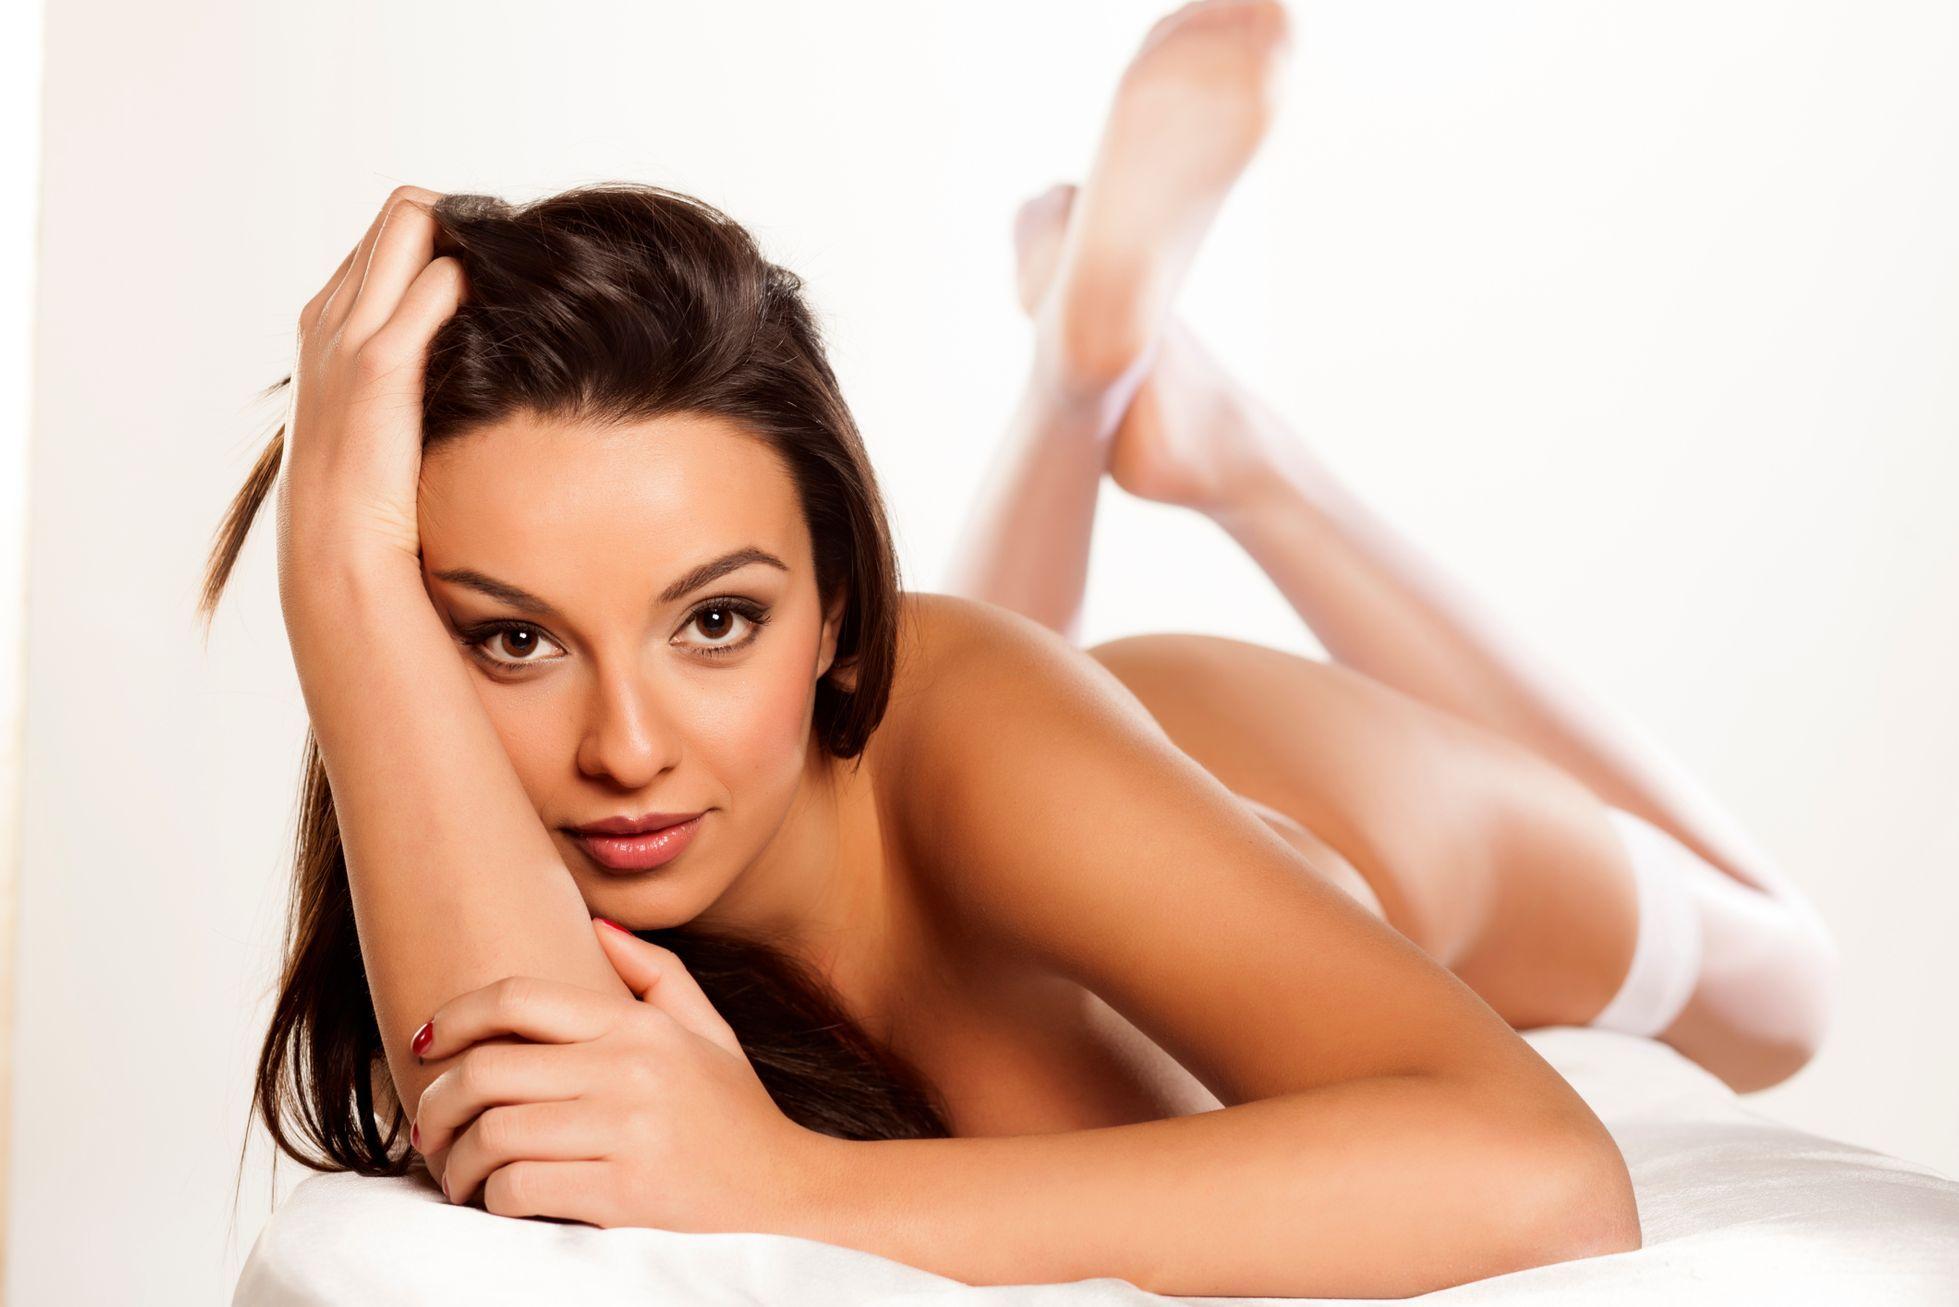 prirodni klin krásné nahé ženy